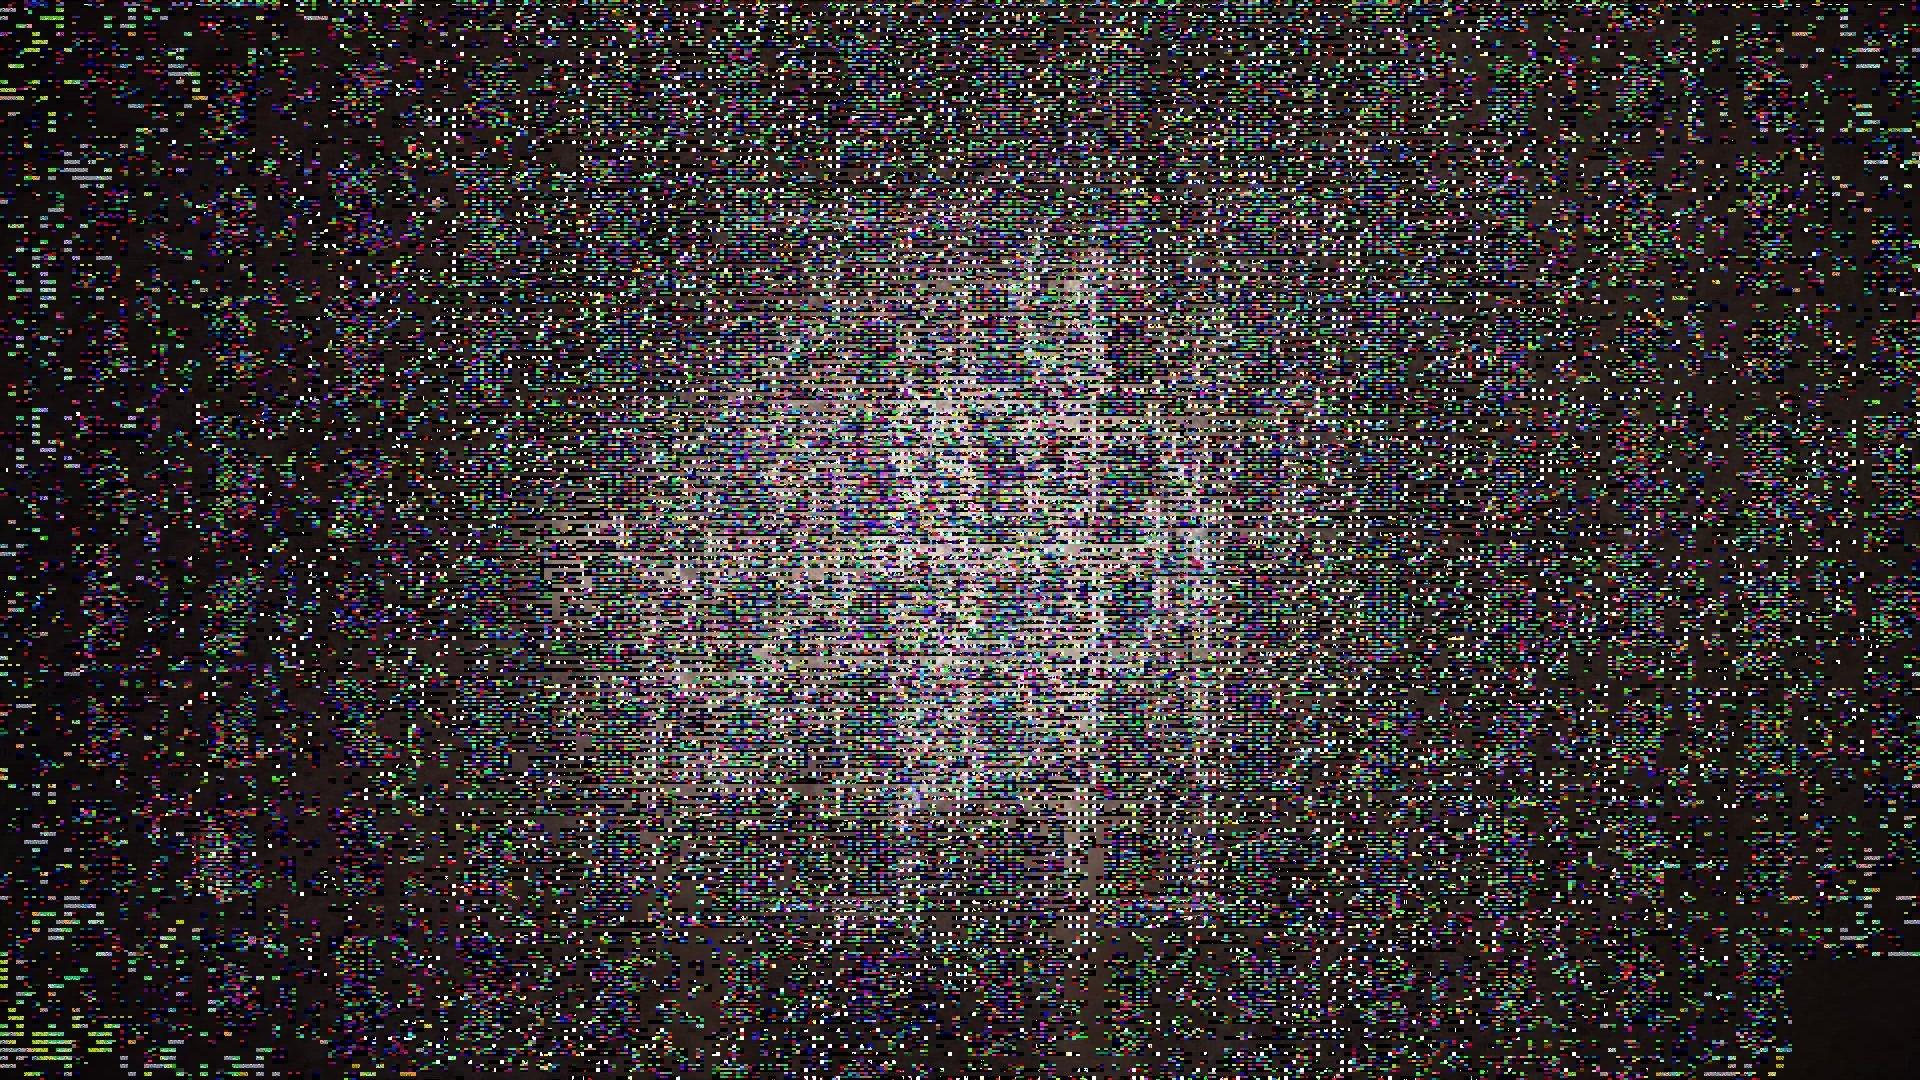 20200401011634_1.jpg.765a7d5cbb68d78b6897caf11eace587.jpg